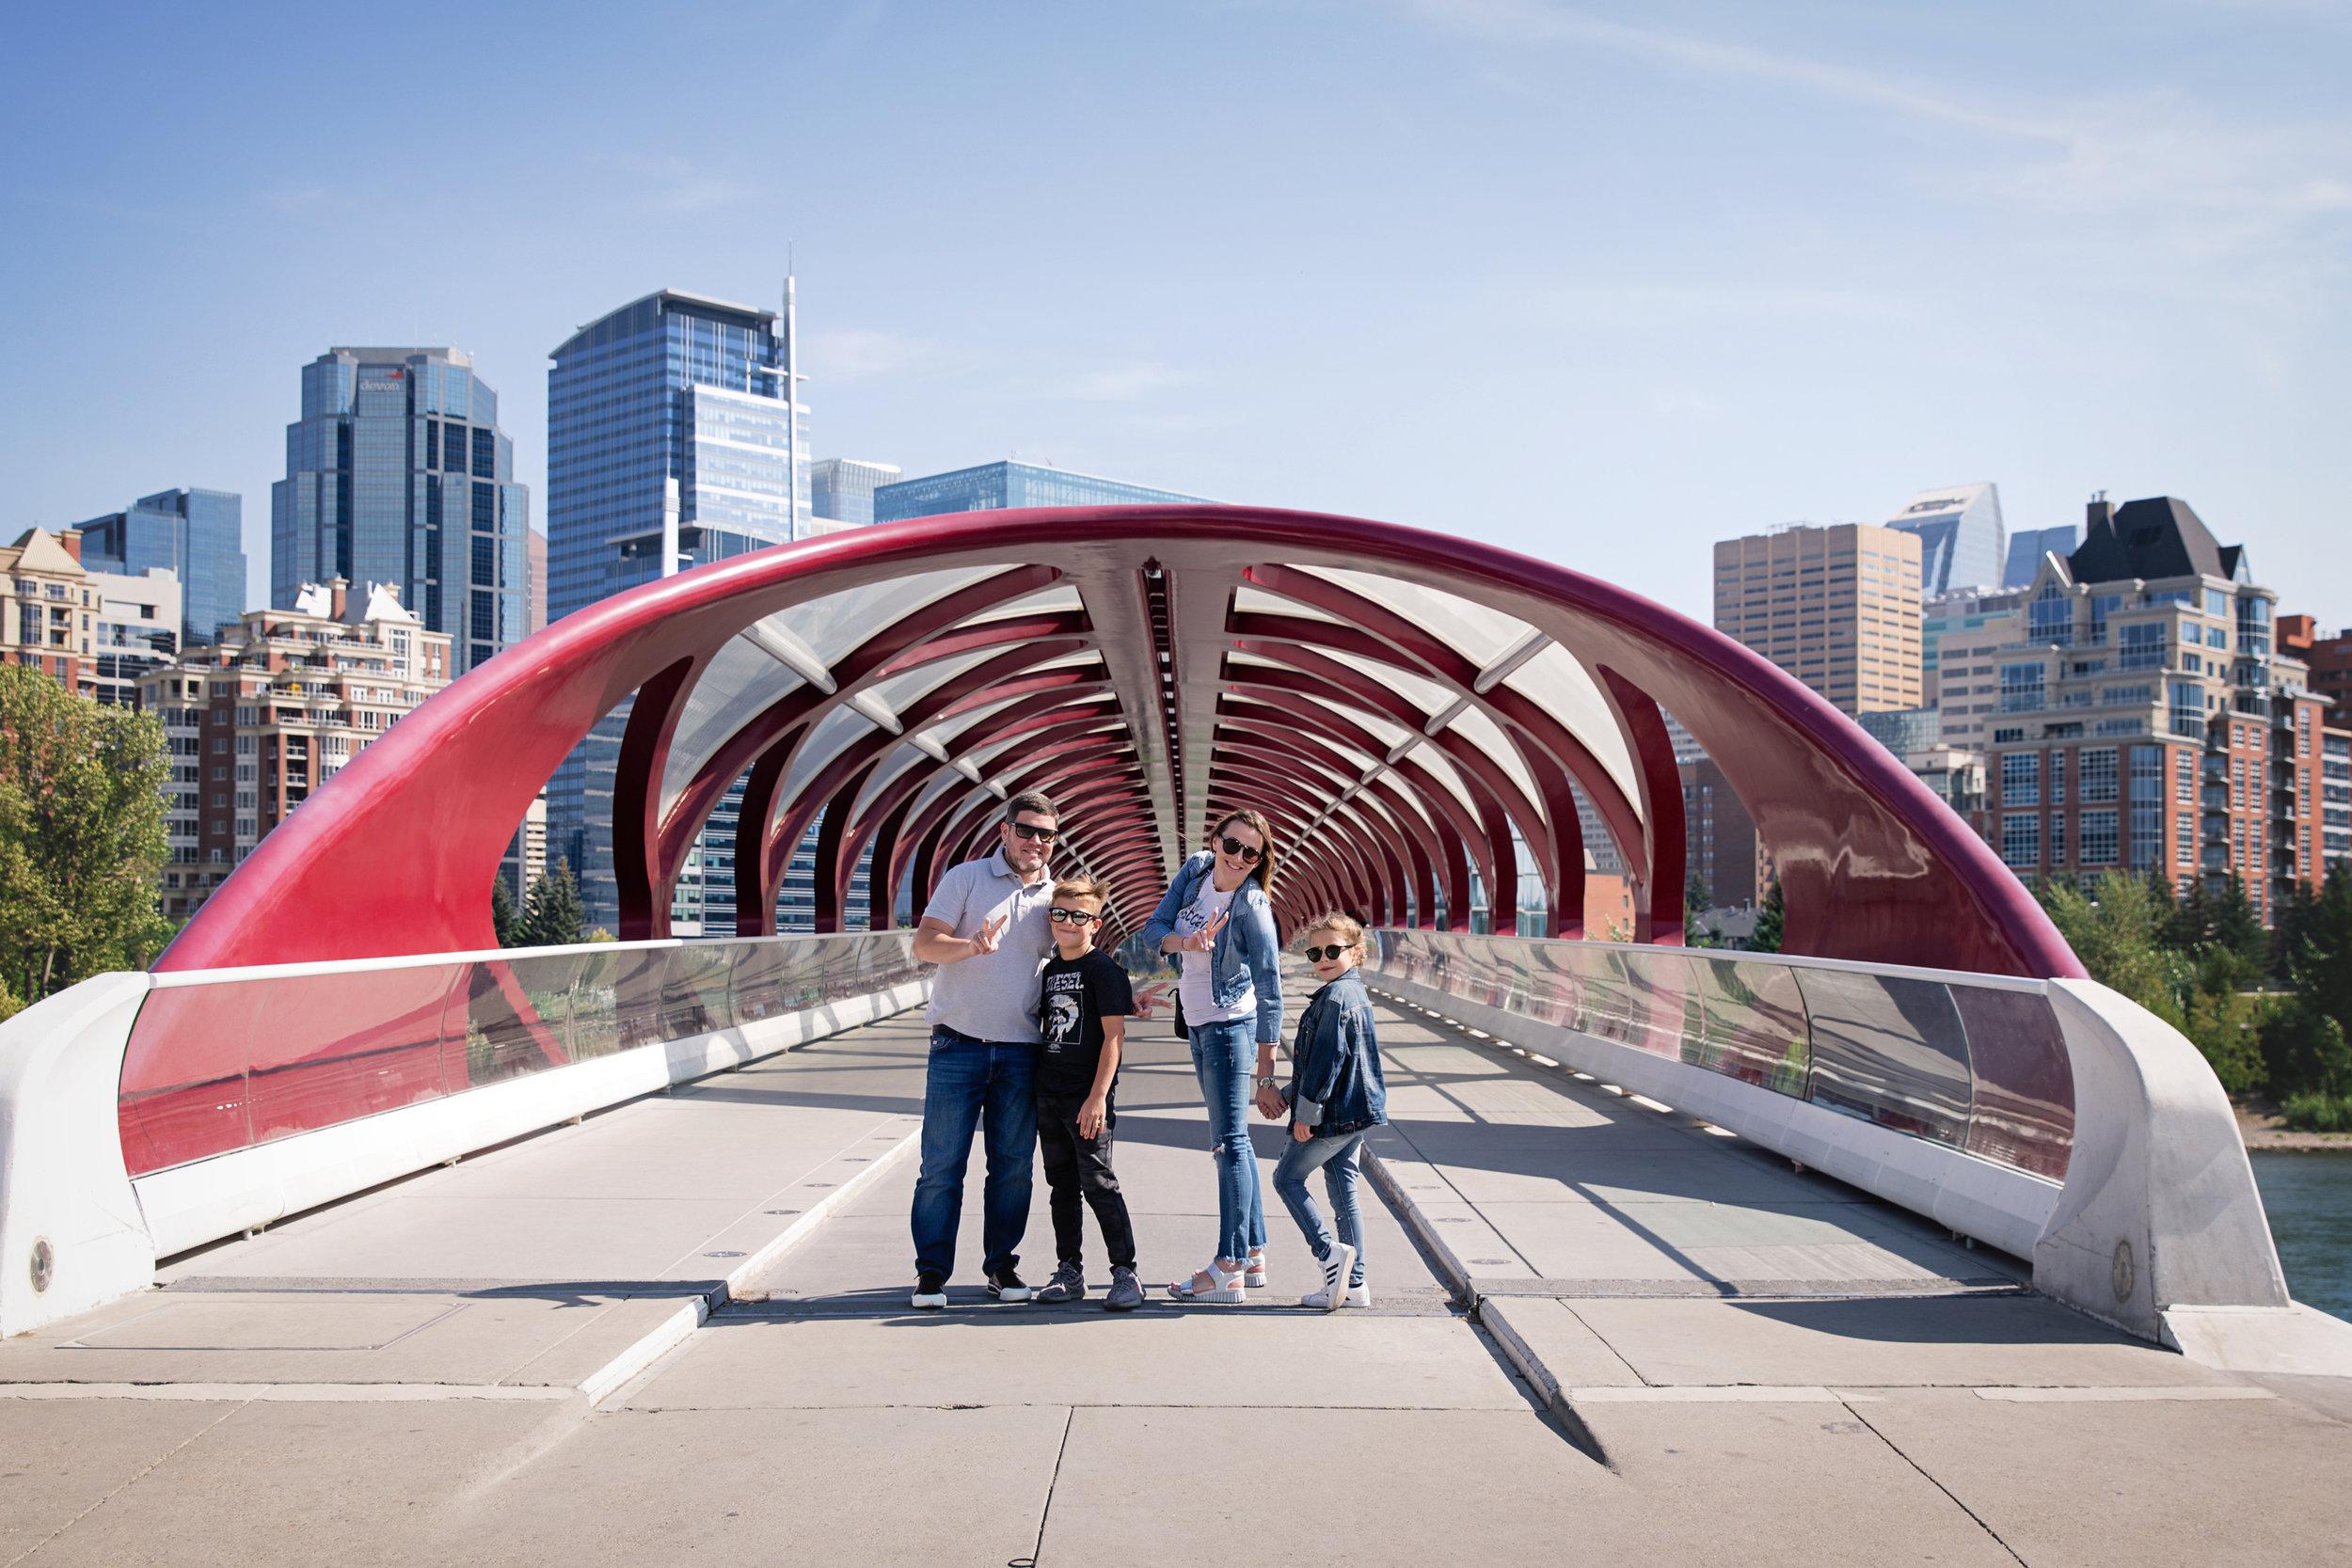 Family of 4 standing on a Peace Bridge in Calgary, Alberta, Canada. Calgary family photographer - Milashka Photography